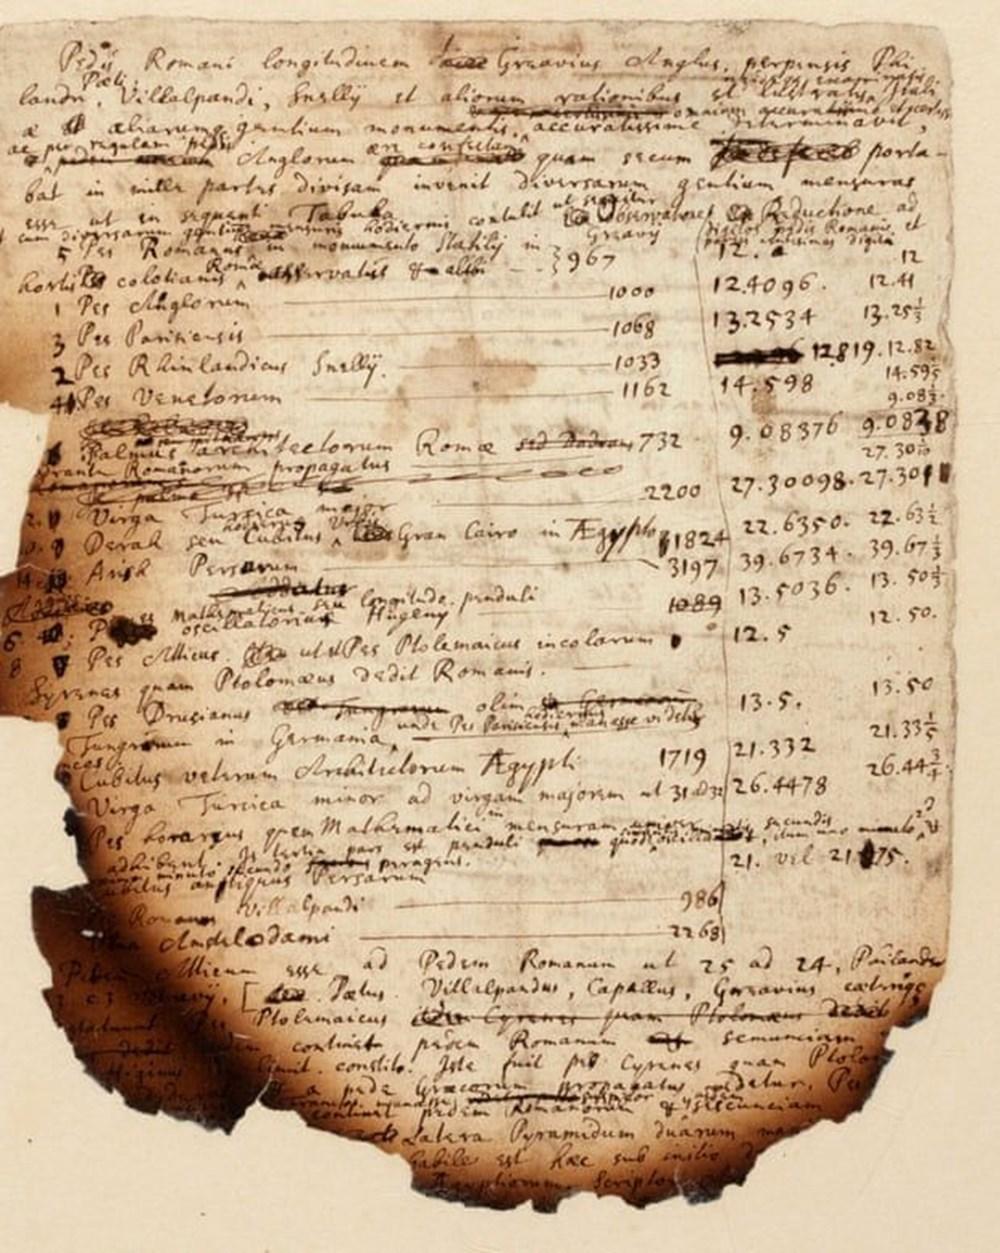 Newton'un Mısır piramitlerini inceleyerek kıyametin tarihini hesapladığı notlar ortaya çıktı - 3